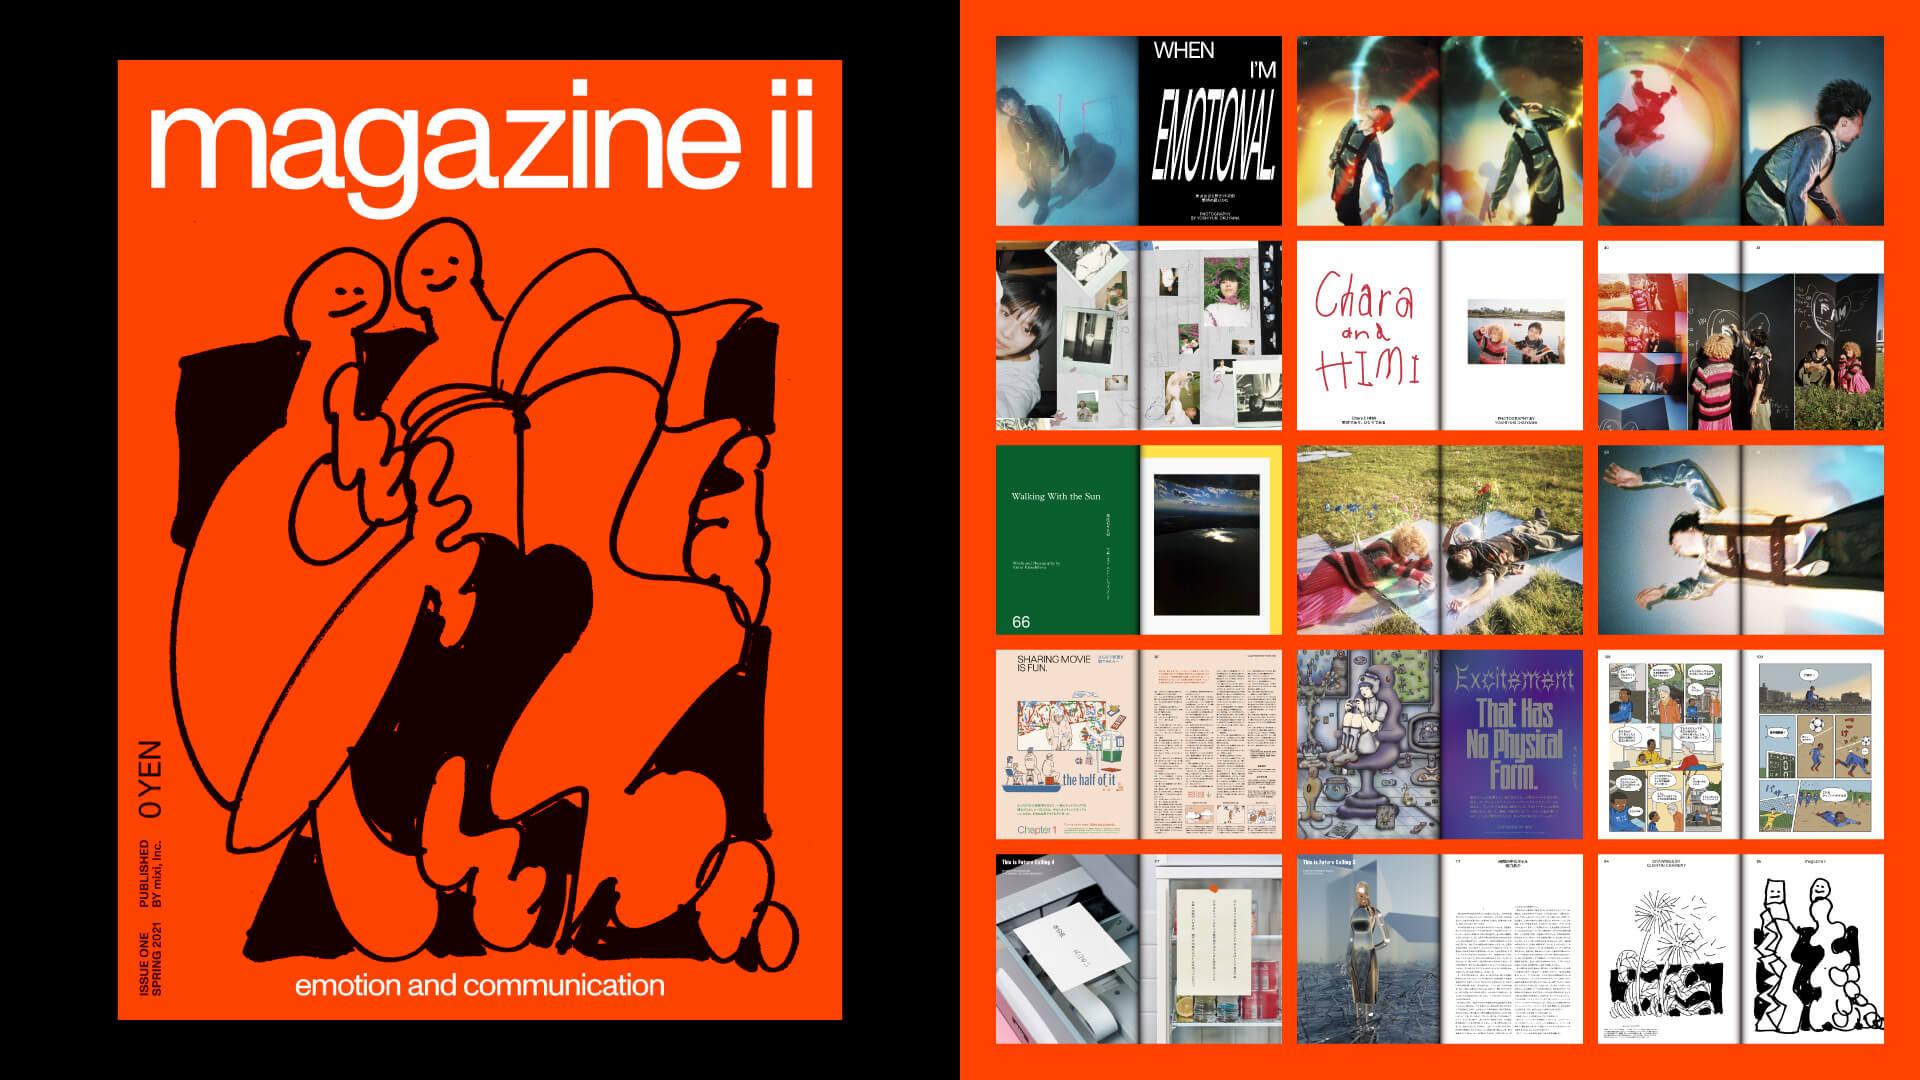 コミュニケーションとエモーションがテーマの雑誌「magazine ii」が創刊|野田洋次郎×奥山由之対談&CHARAとHIMIの親子フォトセッションなど掲載 art210408_magazine2_2